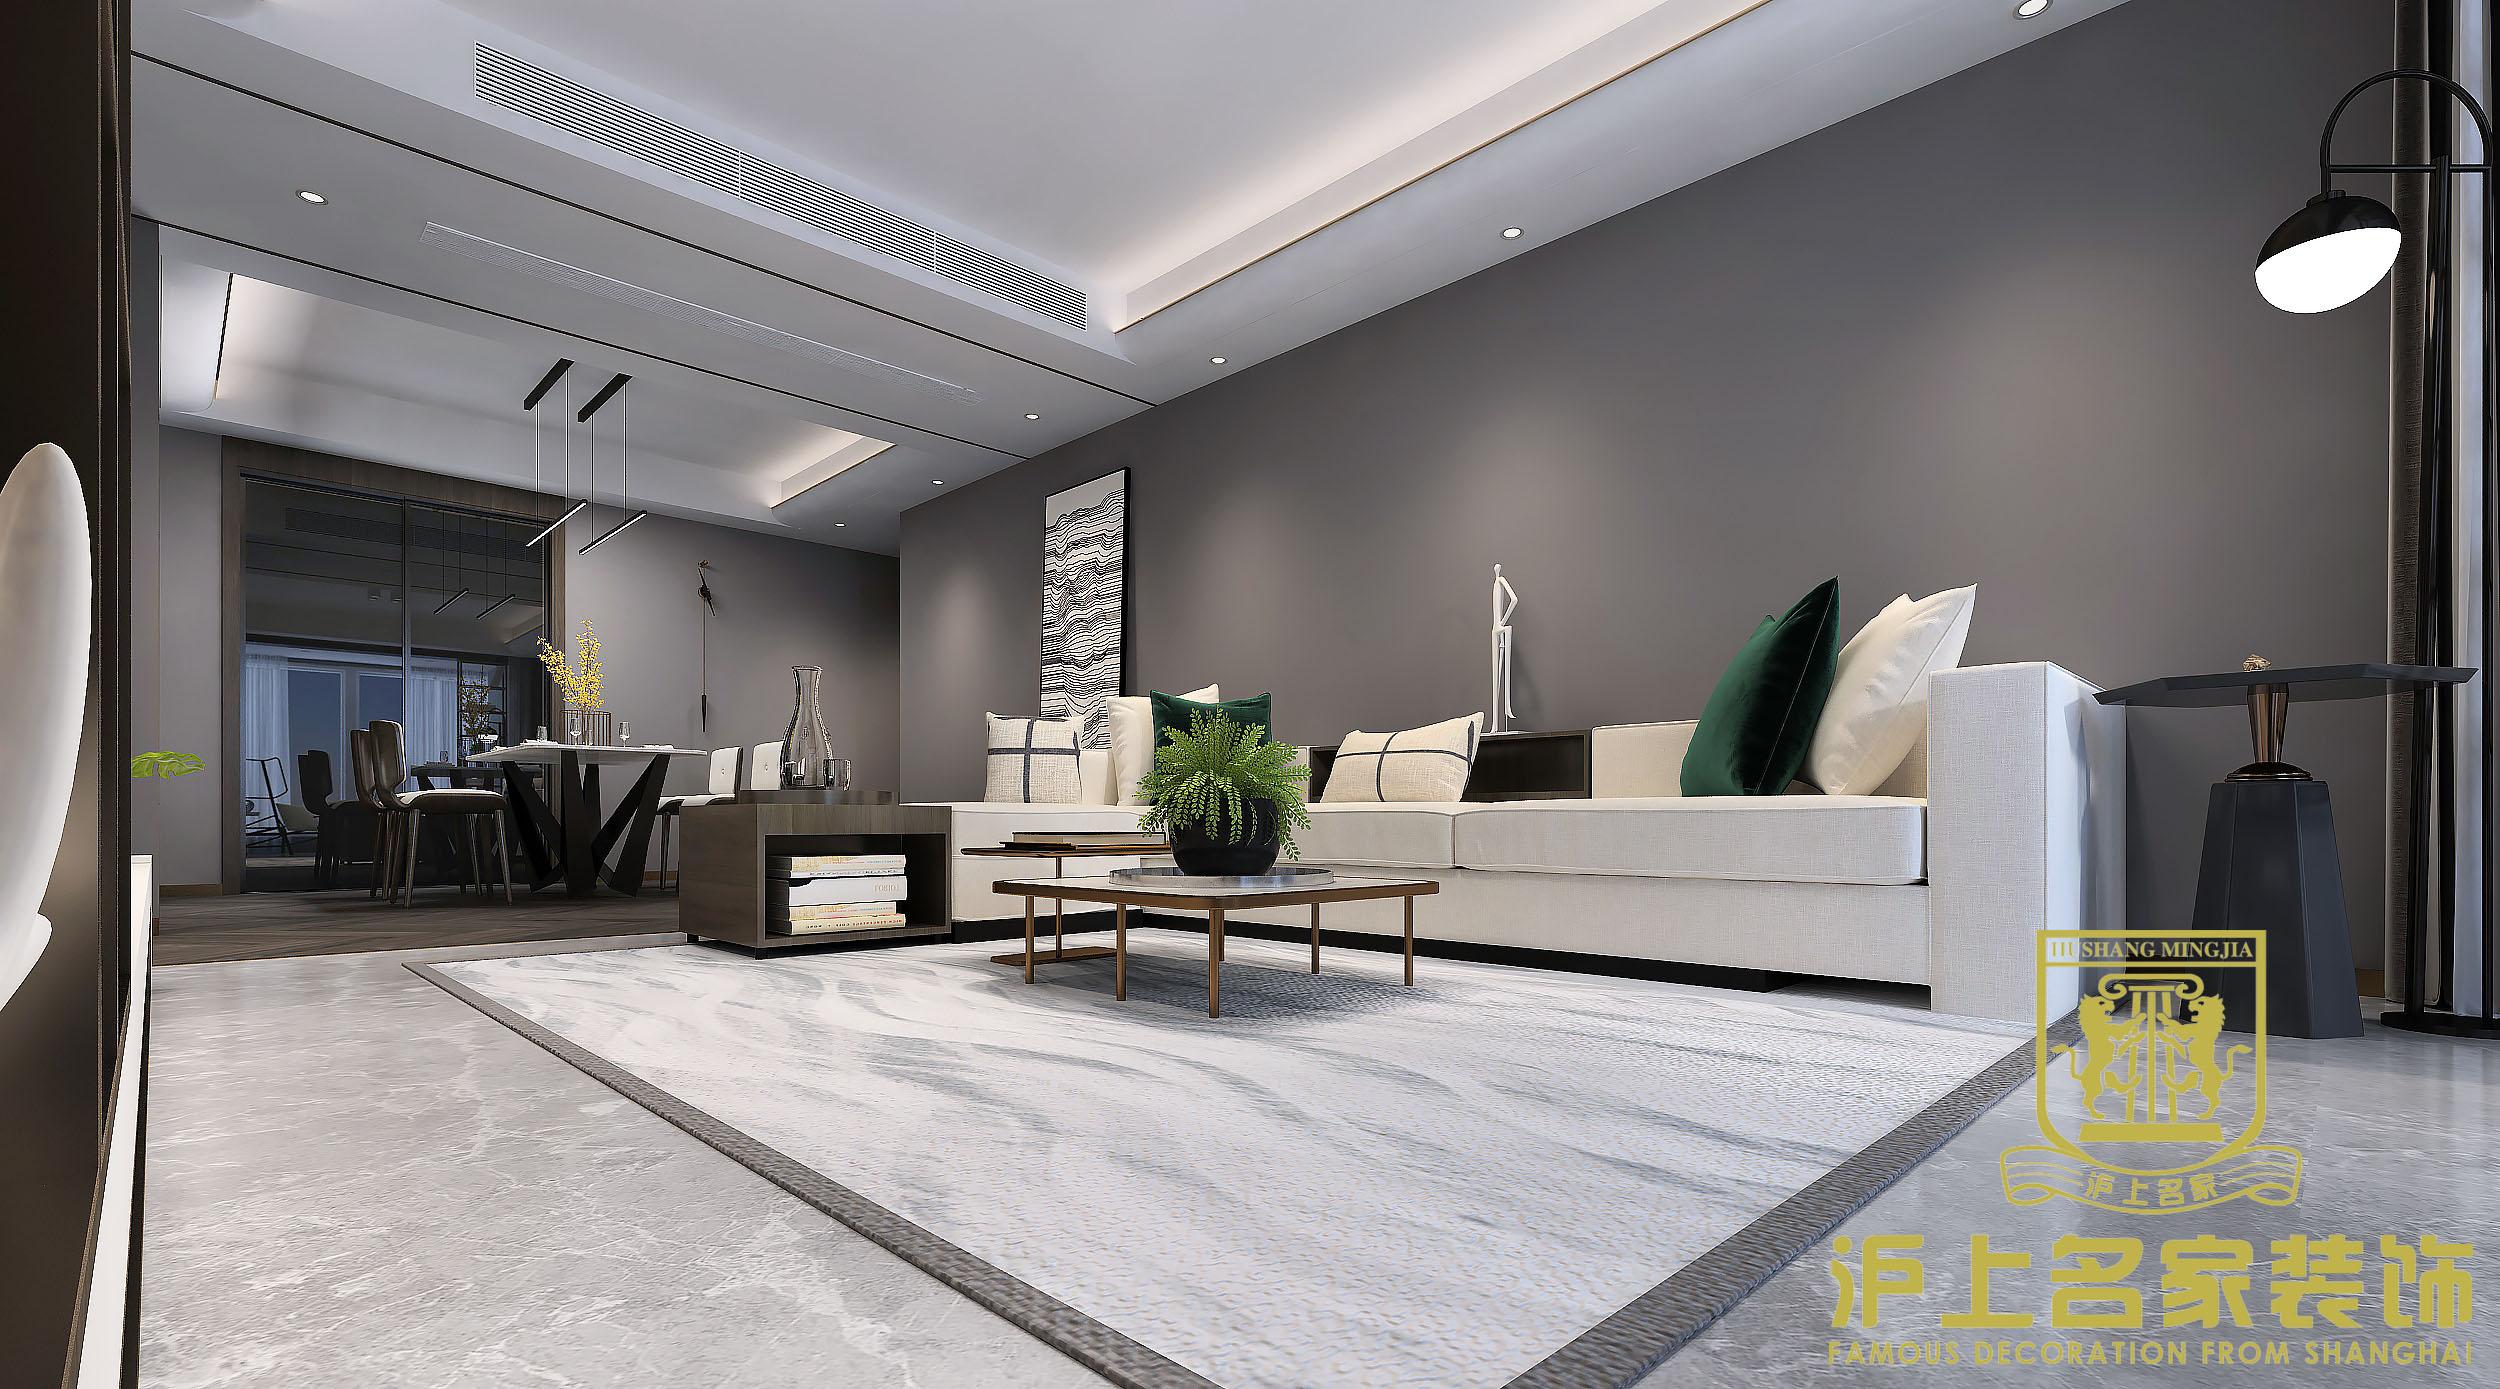 简约 四室 客厅2 客厅图片来自河南沪上名家装饰在金科城138平现代简约风格效果图的分享